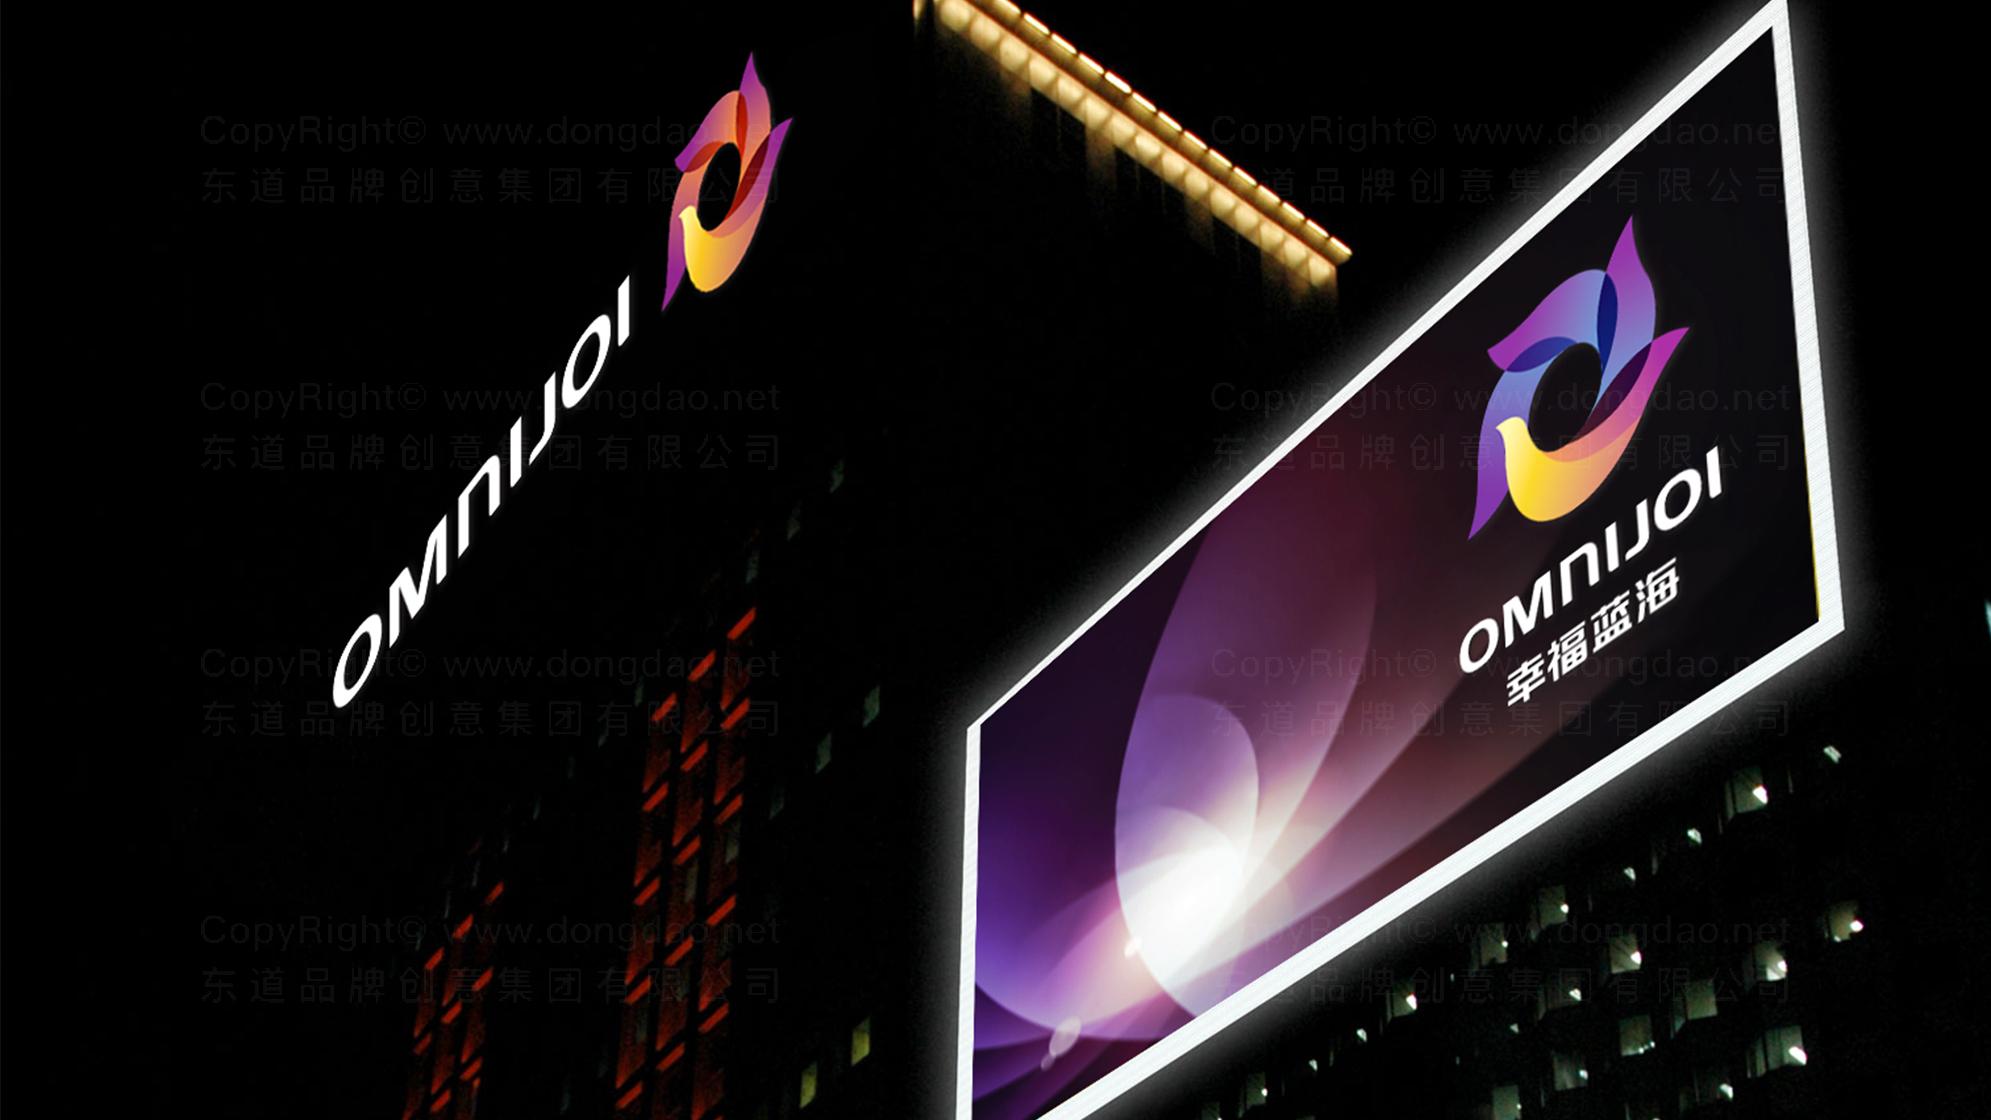 影视公司logo设计应用场景_4